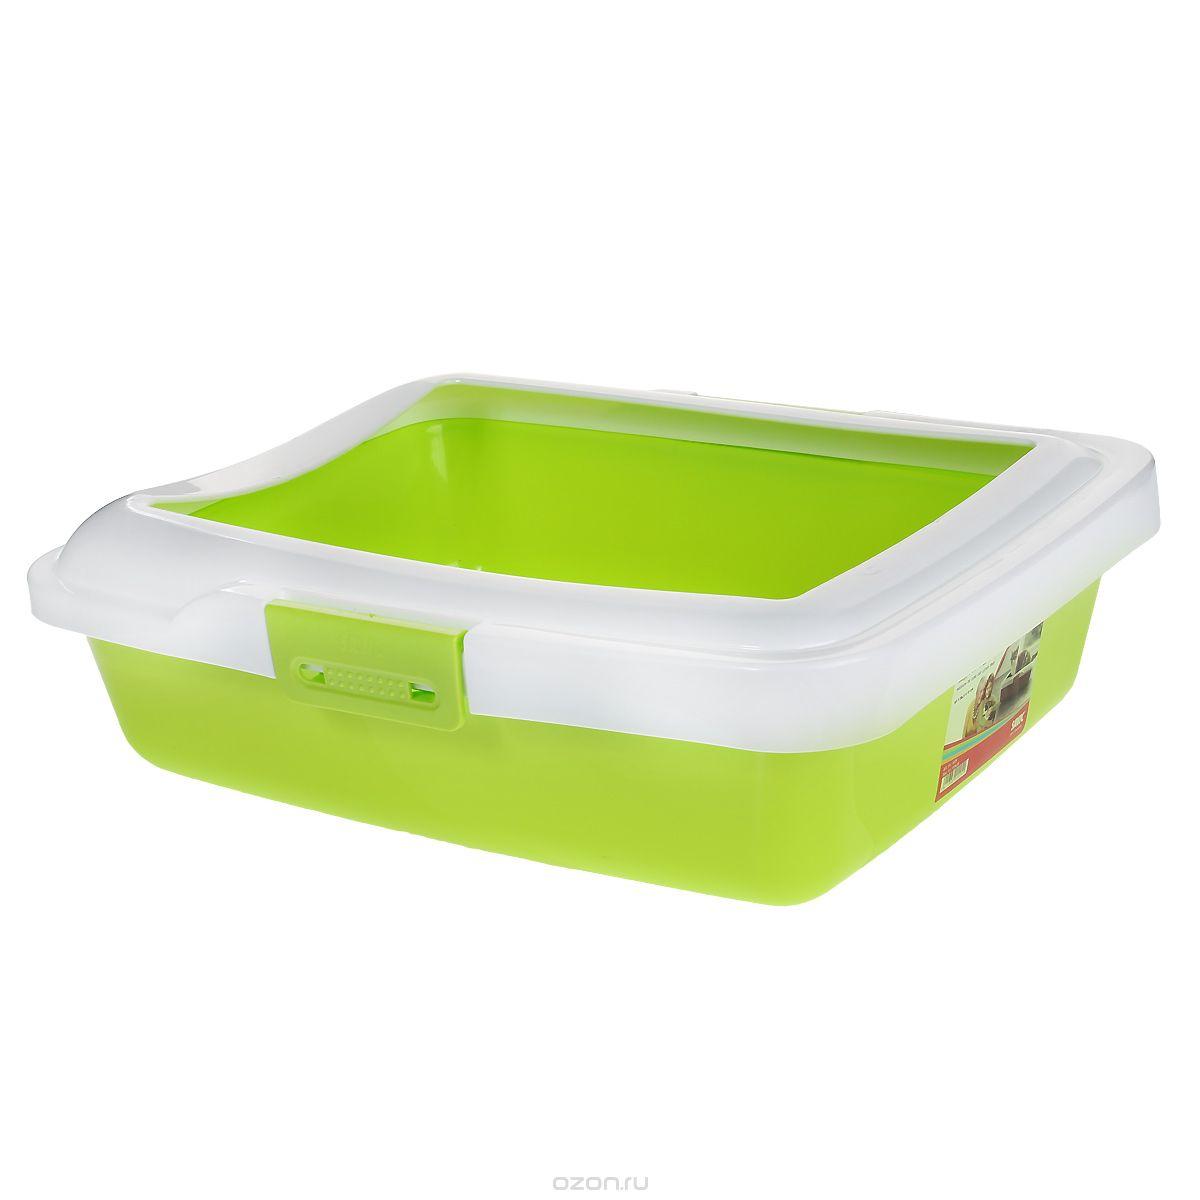 Туалет для кошек Savic Aristos Large, с бортом, цвет: салатовый, белый, 49,5 см х 39,5 см х 15 см226-0000Туалет для кошек Savic Aristos Large изготовлен из качественного прочного пластика. Высокий борт, прикрепленный по периметру лотка замками, удобно защелкивается и предотвращает разбрасывание наполнителя. Это простой и удобный в использовании предмет обихода для кошек и котов.